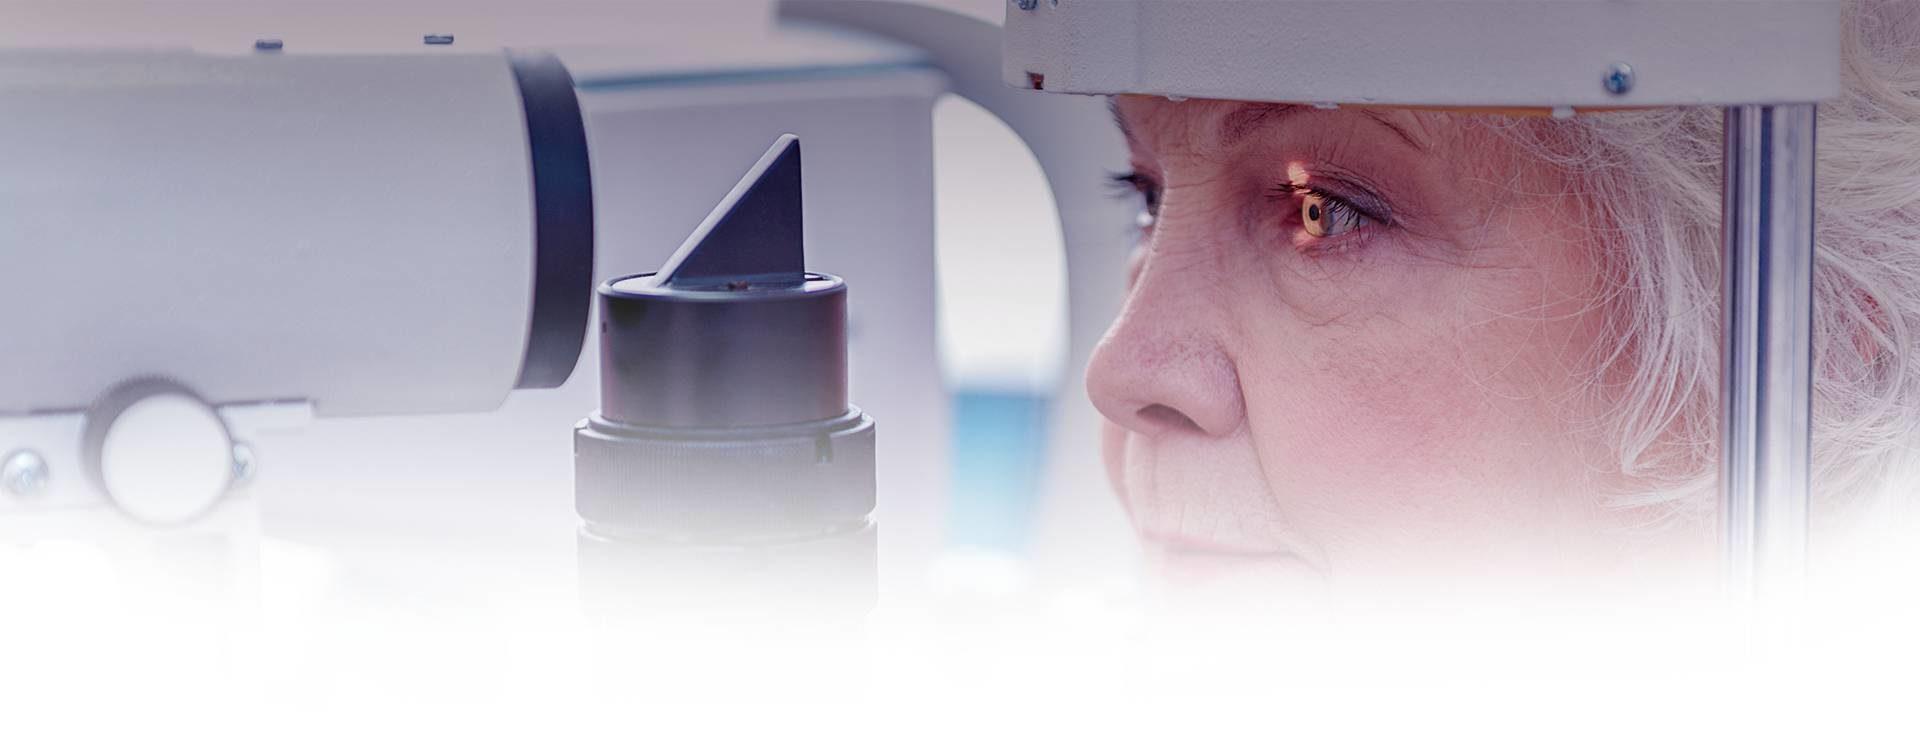 Eye Exams for Seniors in Sherwood Park